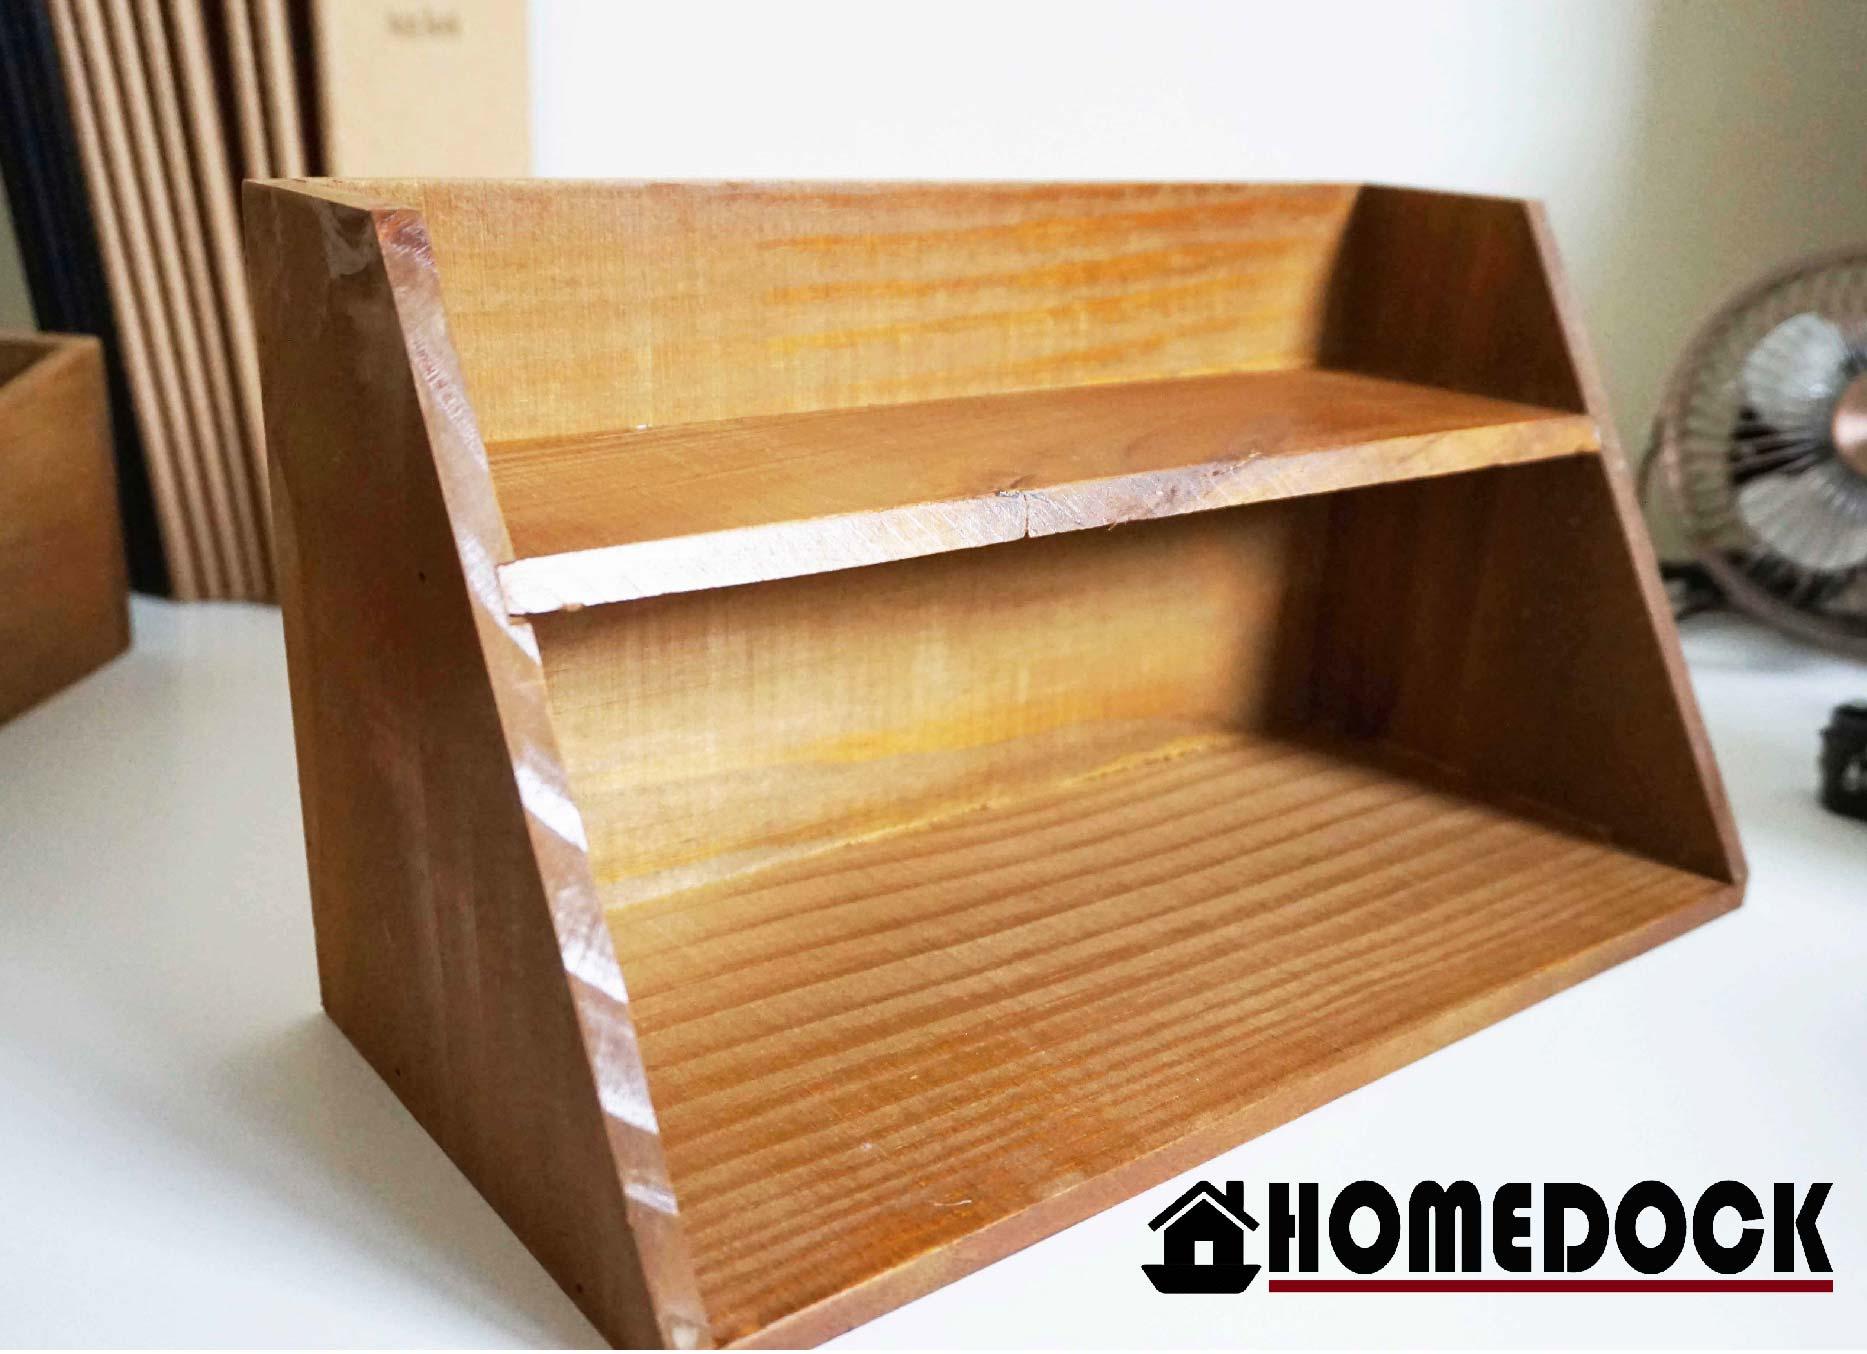 HOMEDOCK-原木質感雙層收納盒 /木櫃/置物櫃/Zakka/雜貨/原木製/層格櫃/抽屜/雙層